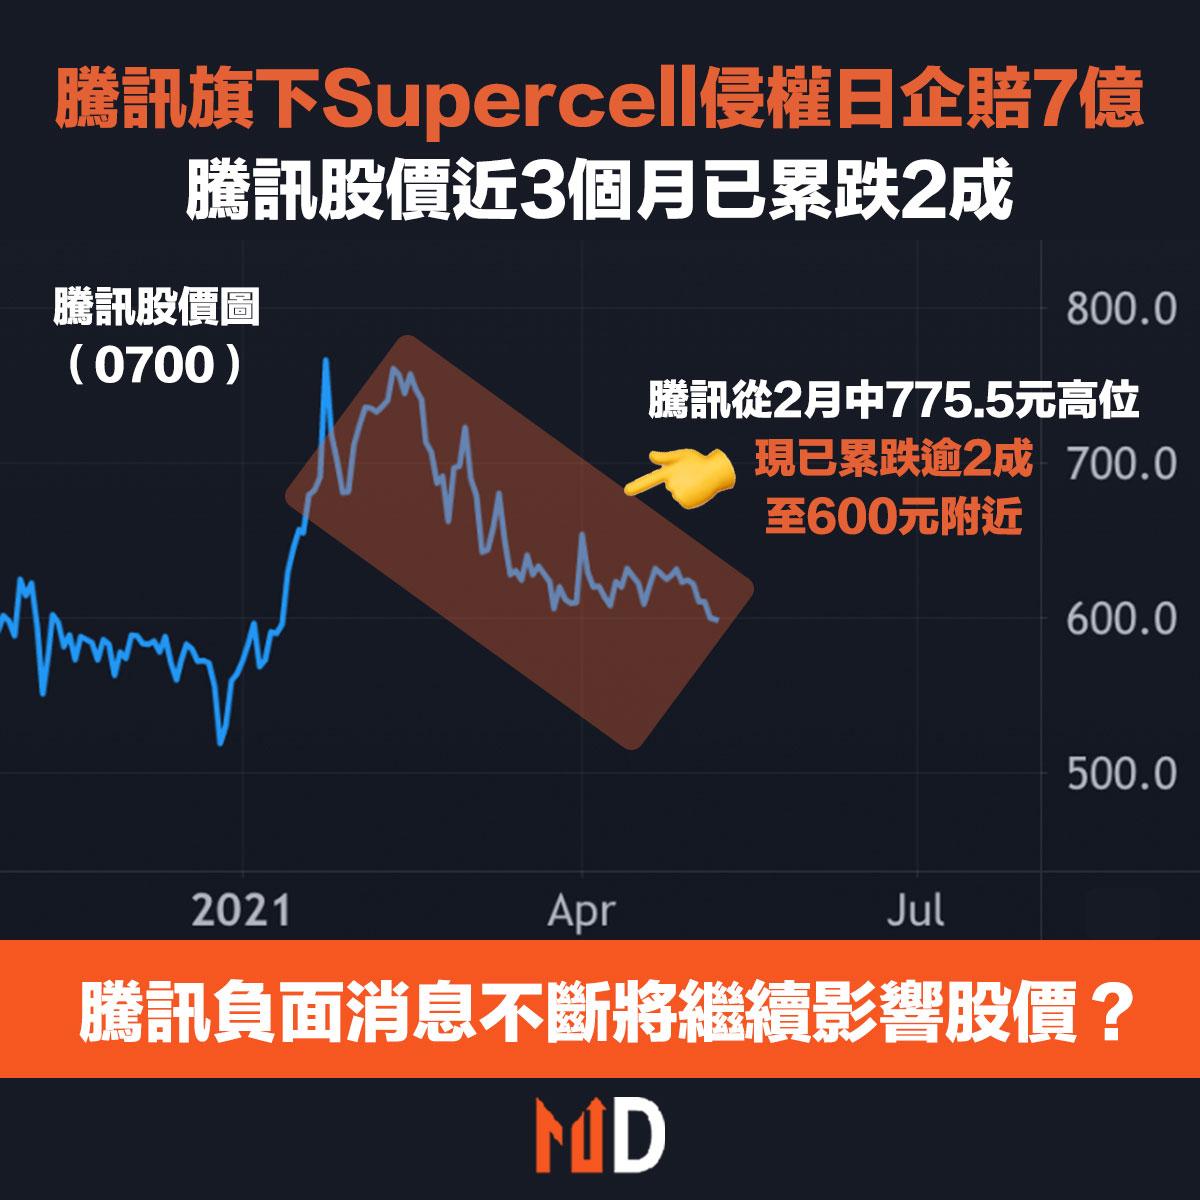 騰訊股價累跌2成